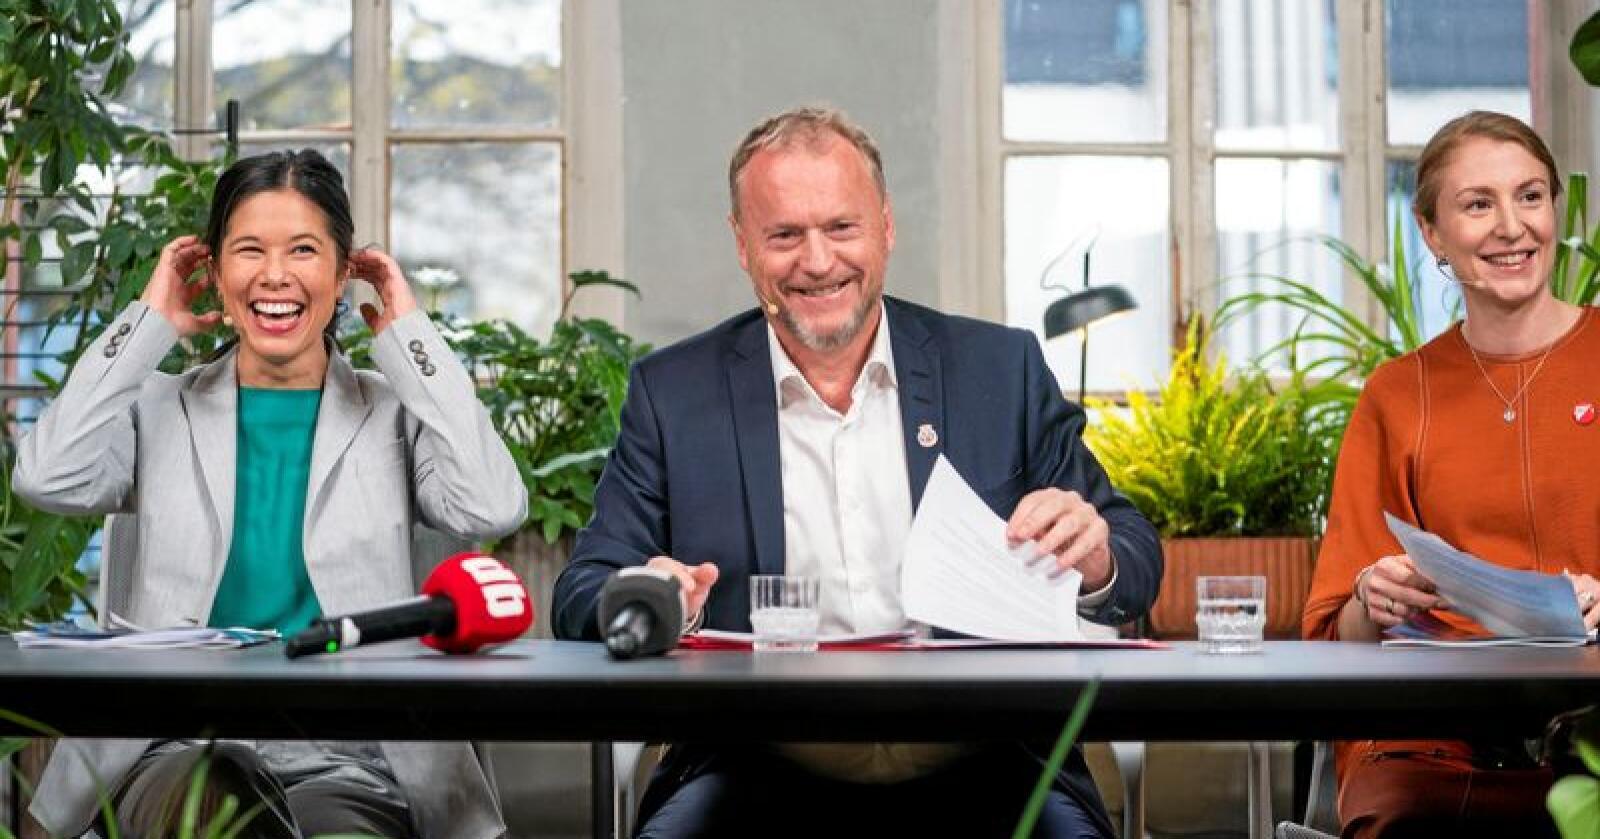 Vil kutte kjøtt i Oslo: Lan Marie Berg fra Miljøpartiet de Grønne, Raymond Johansen fra Arbeiderpartiet og Sunniva Holmås Eidsvoll fra Sosialistisk Venstreparti. Foto: Håkon Mosvold Larsen / NTB scanpix